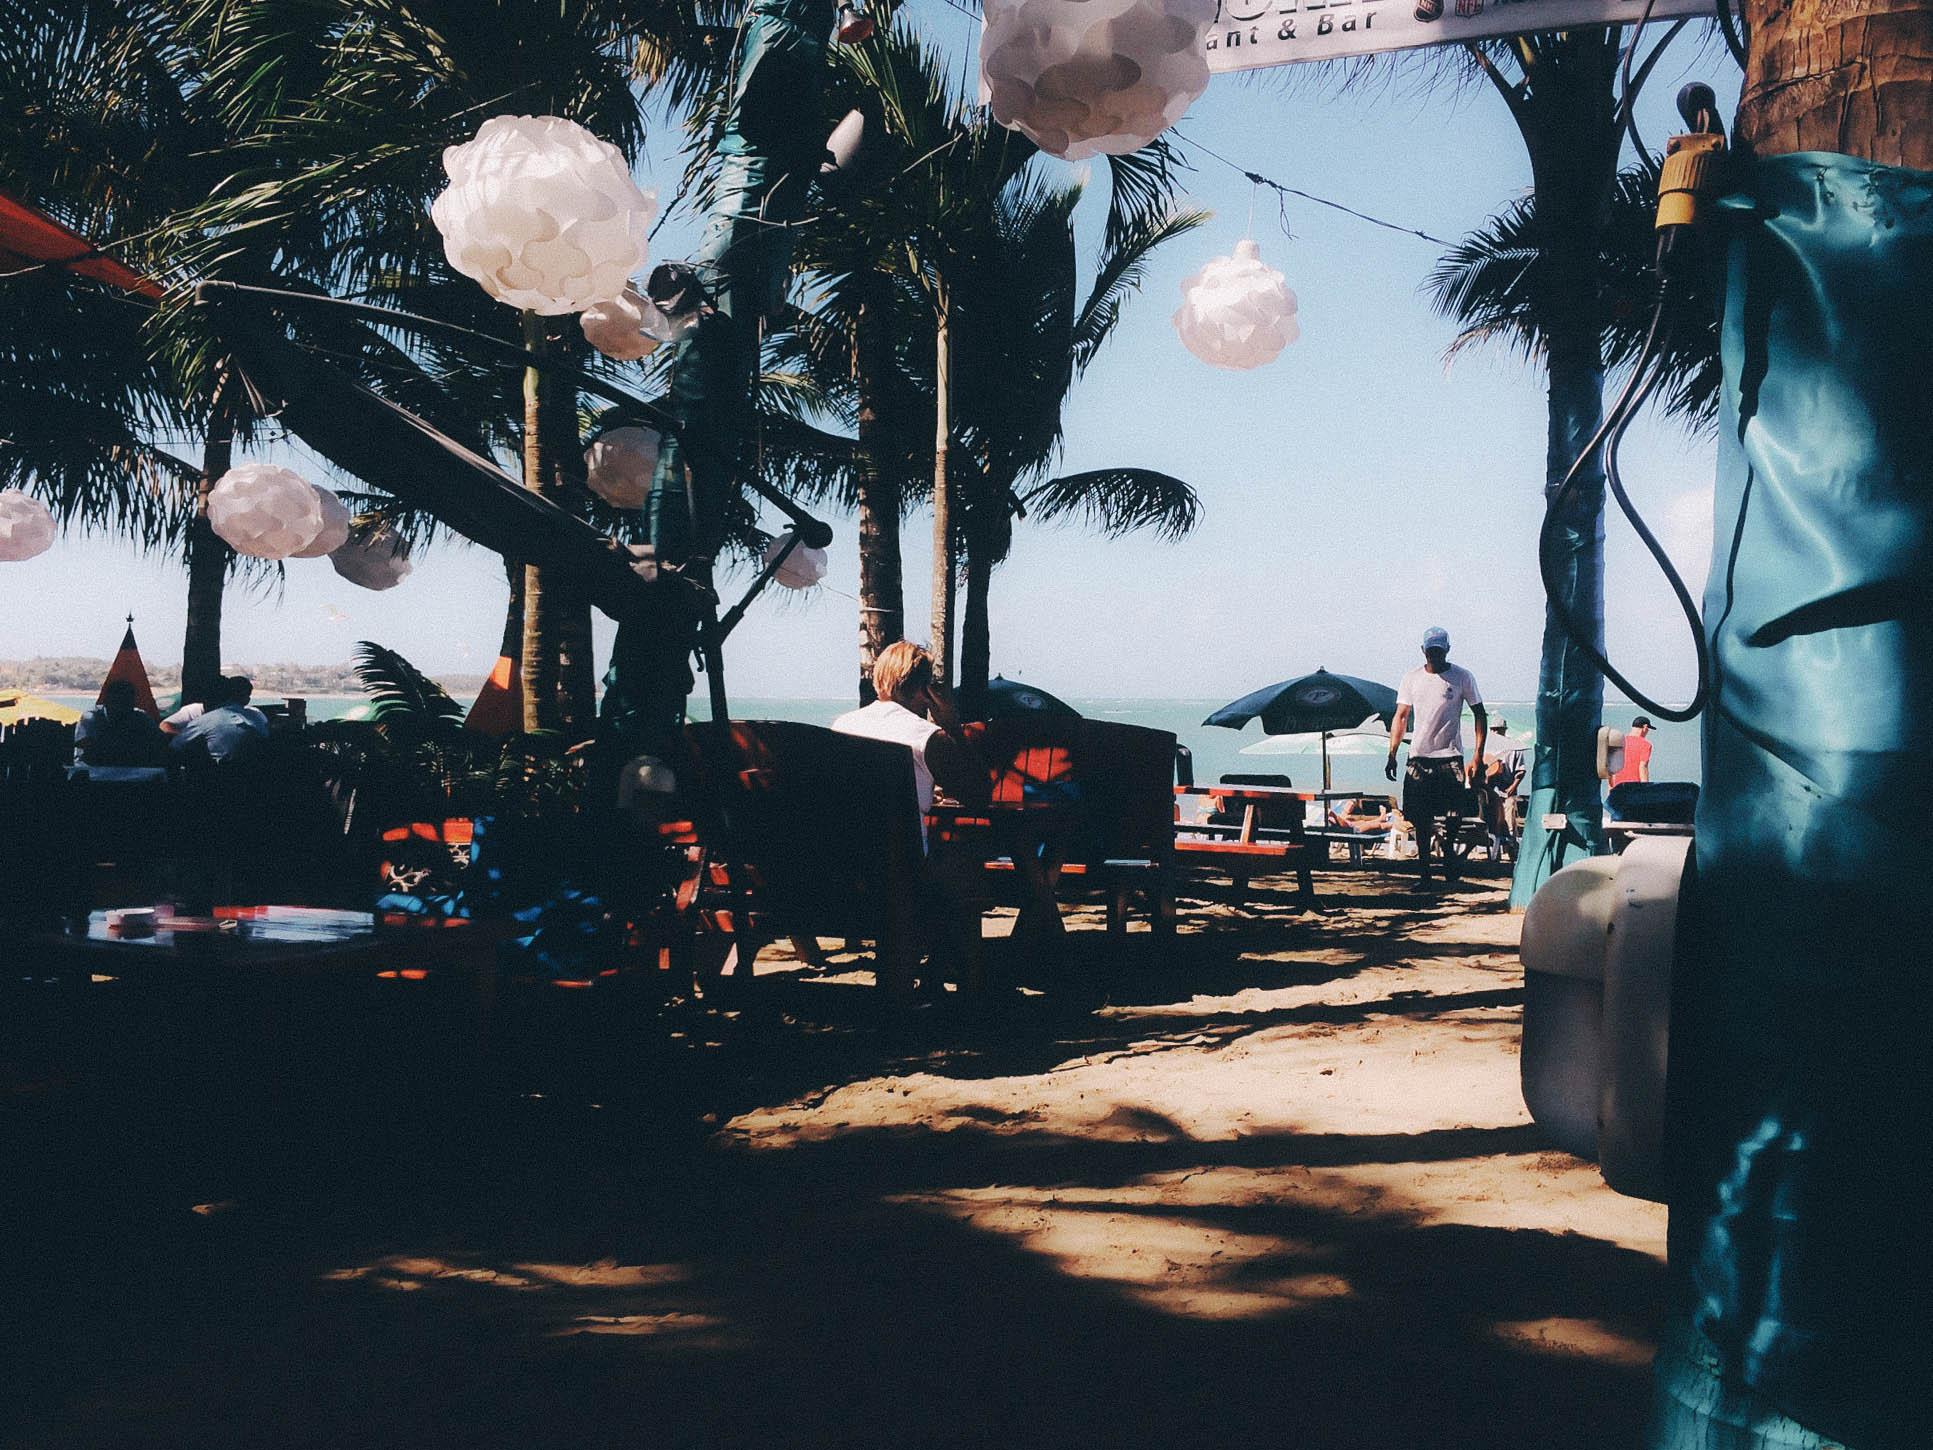 cabarete dominican republic lune blog (4 of 27).jpg